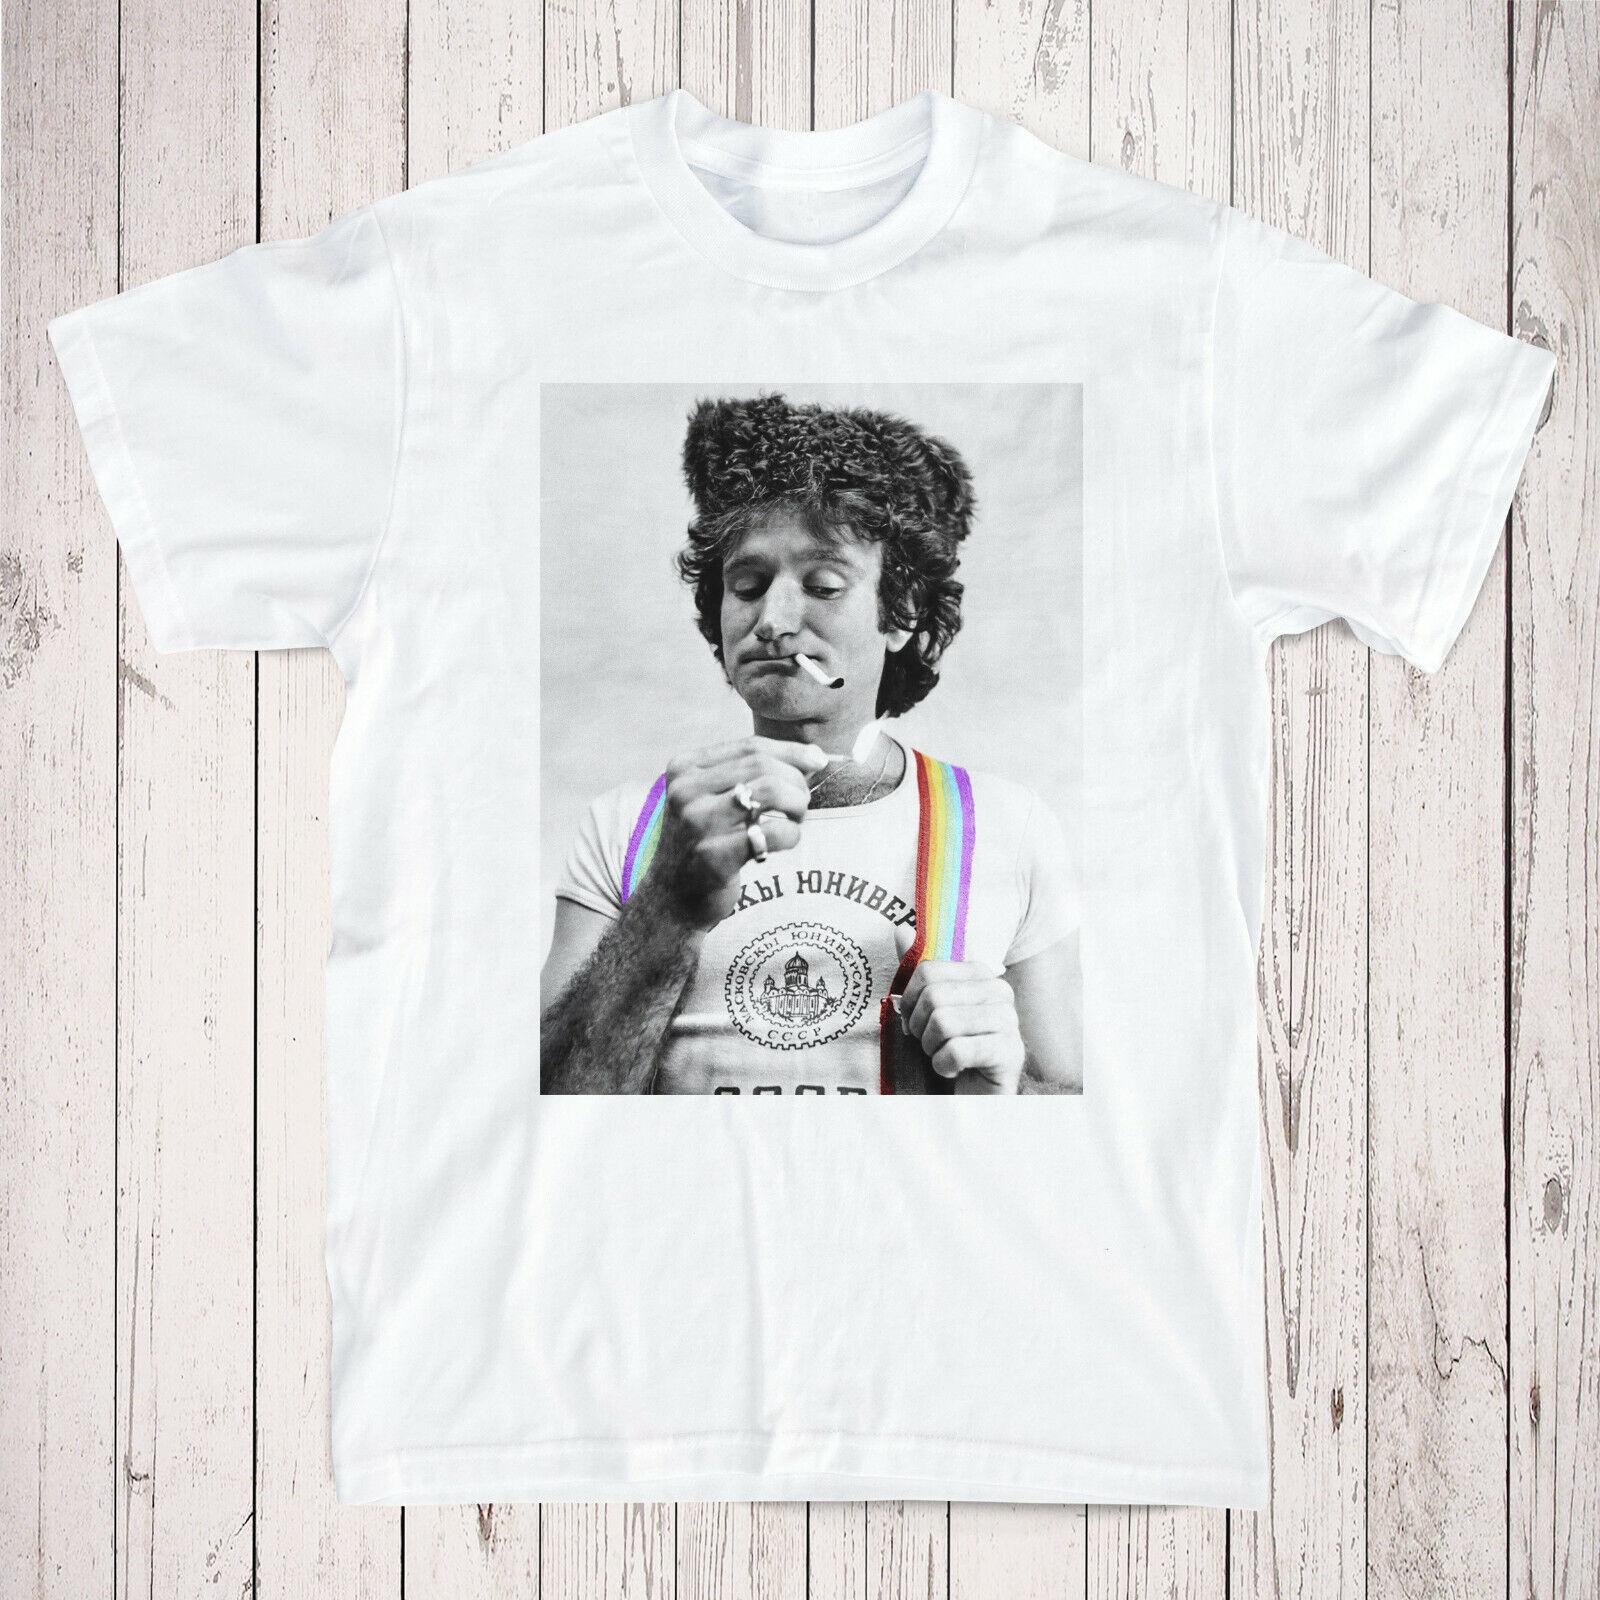 Robin Williams Tribut T-Shirt - - - Mork & Mindy Rainbow Vintage T-Shirt | Deutschland München  | Verkauf  18d343